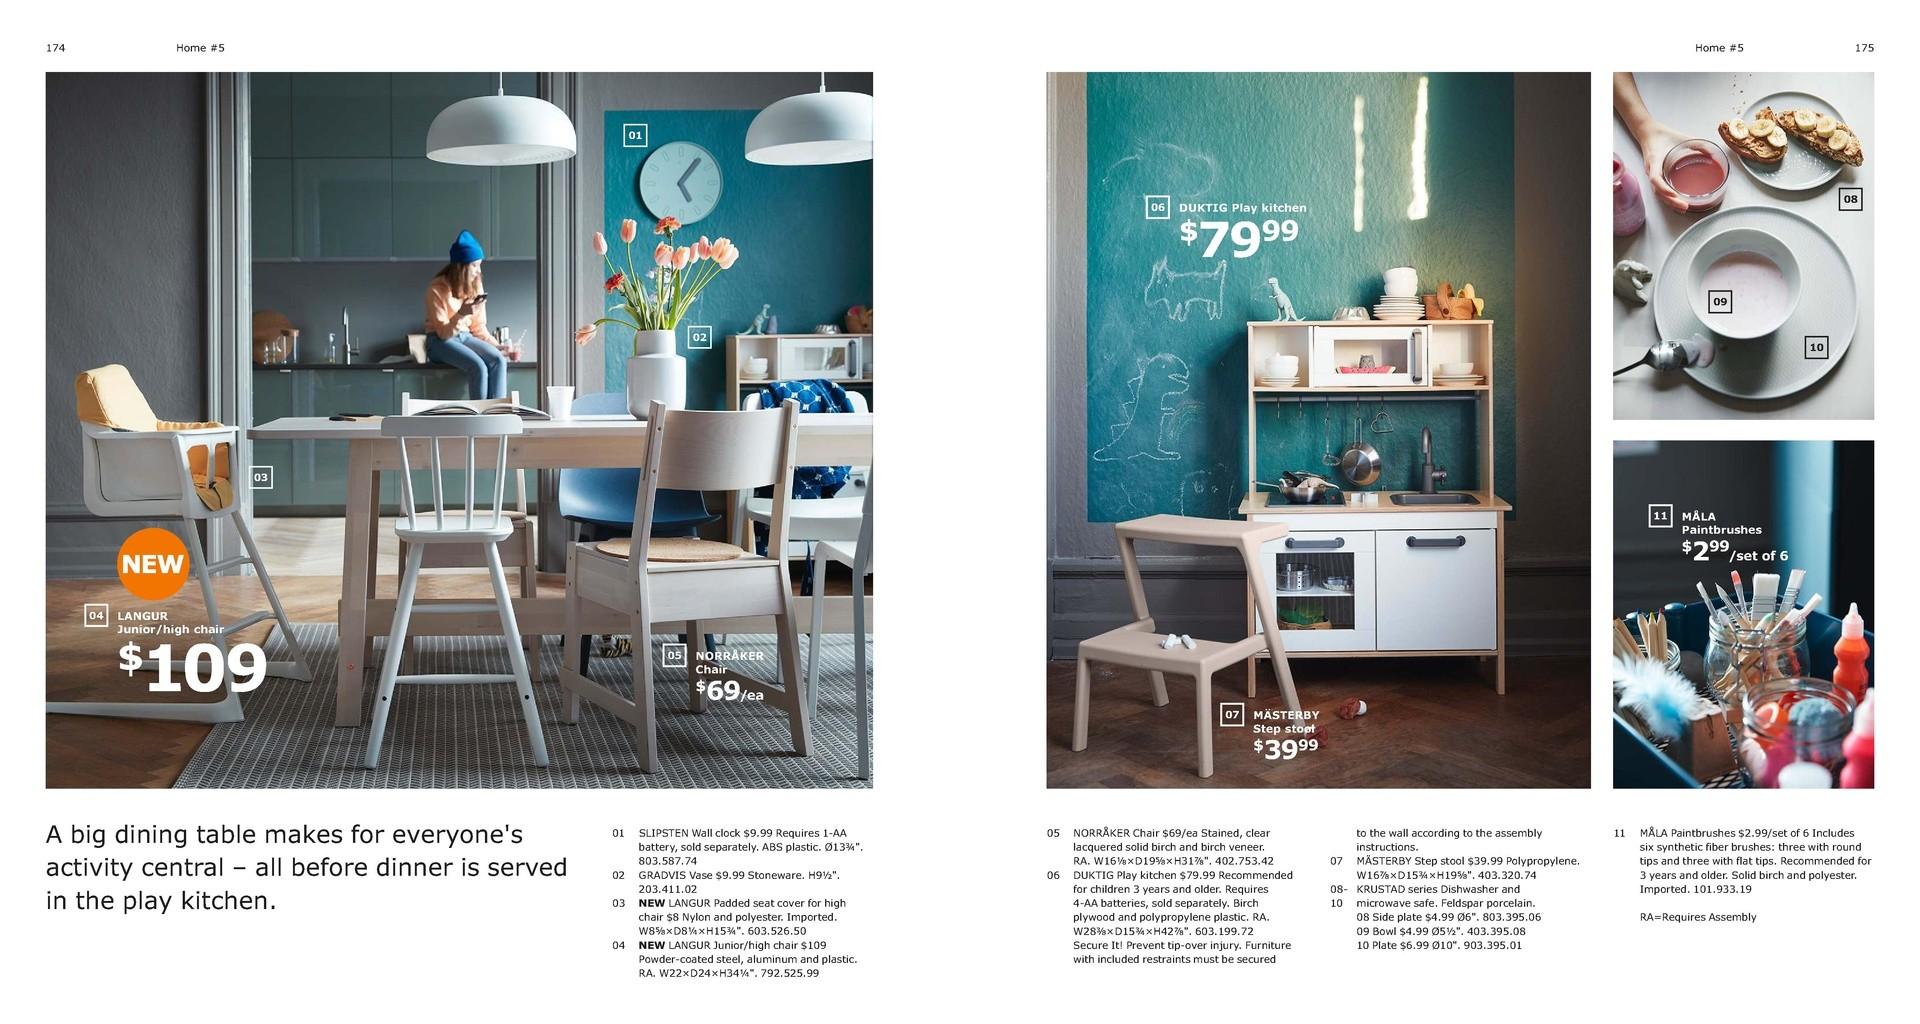 nowy katalog ikea 2019 zobacz ca y katalog zanim trafi do sklep w. Black Bedroom Furniture Sets. Home Design Ideas